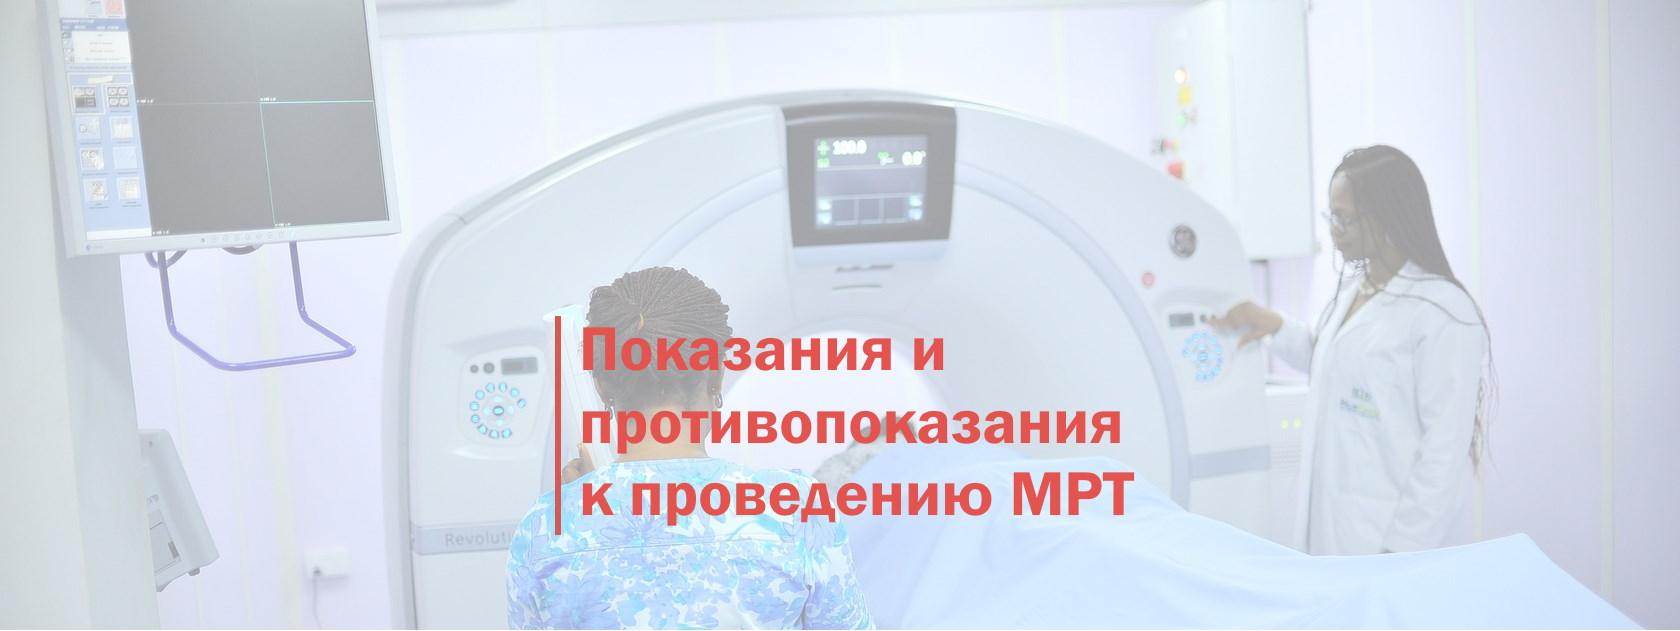 Что такое МРТ и когда она показана?